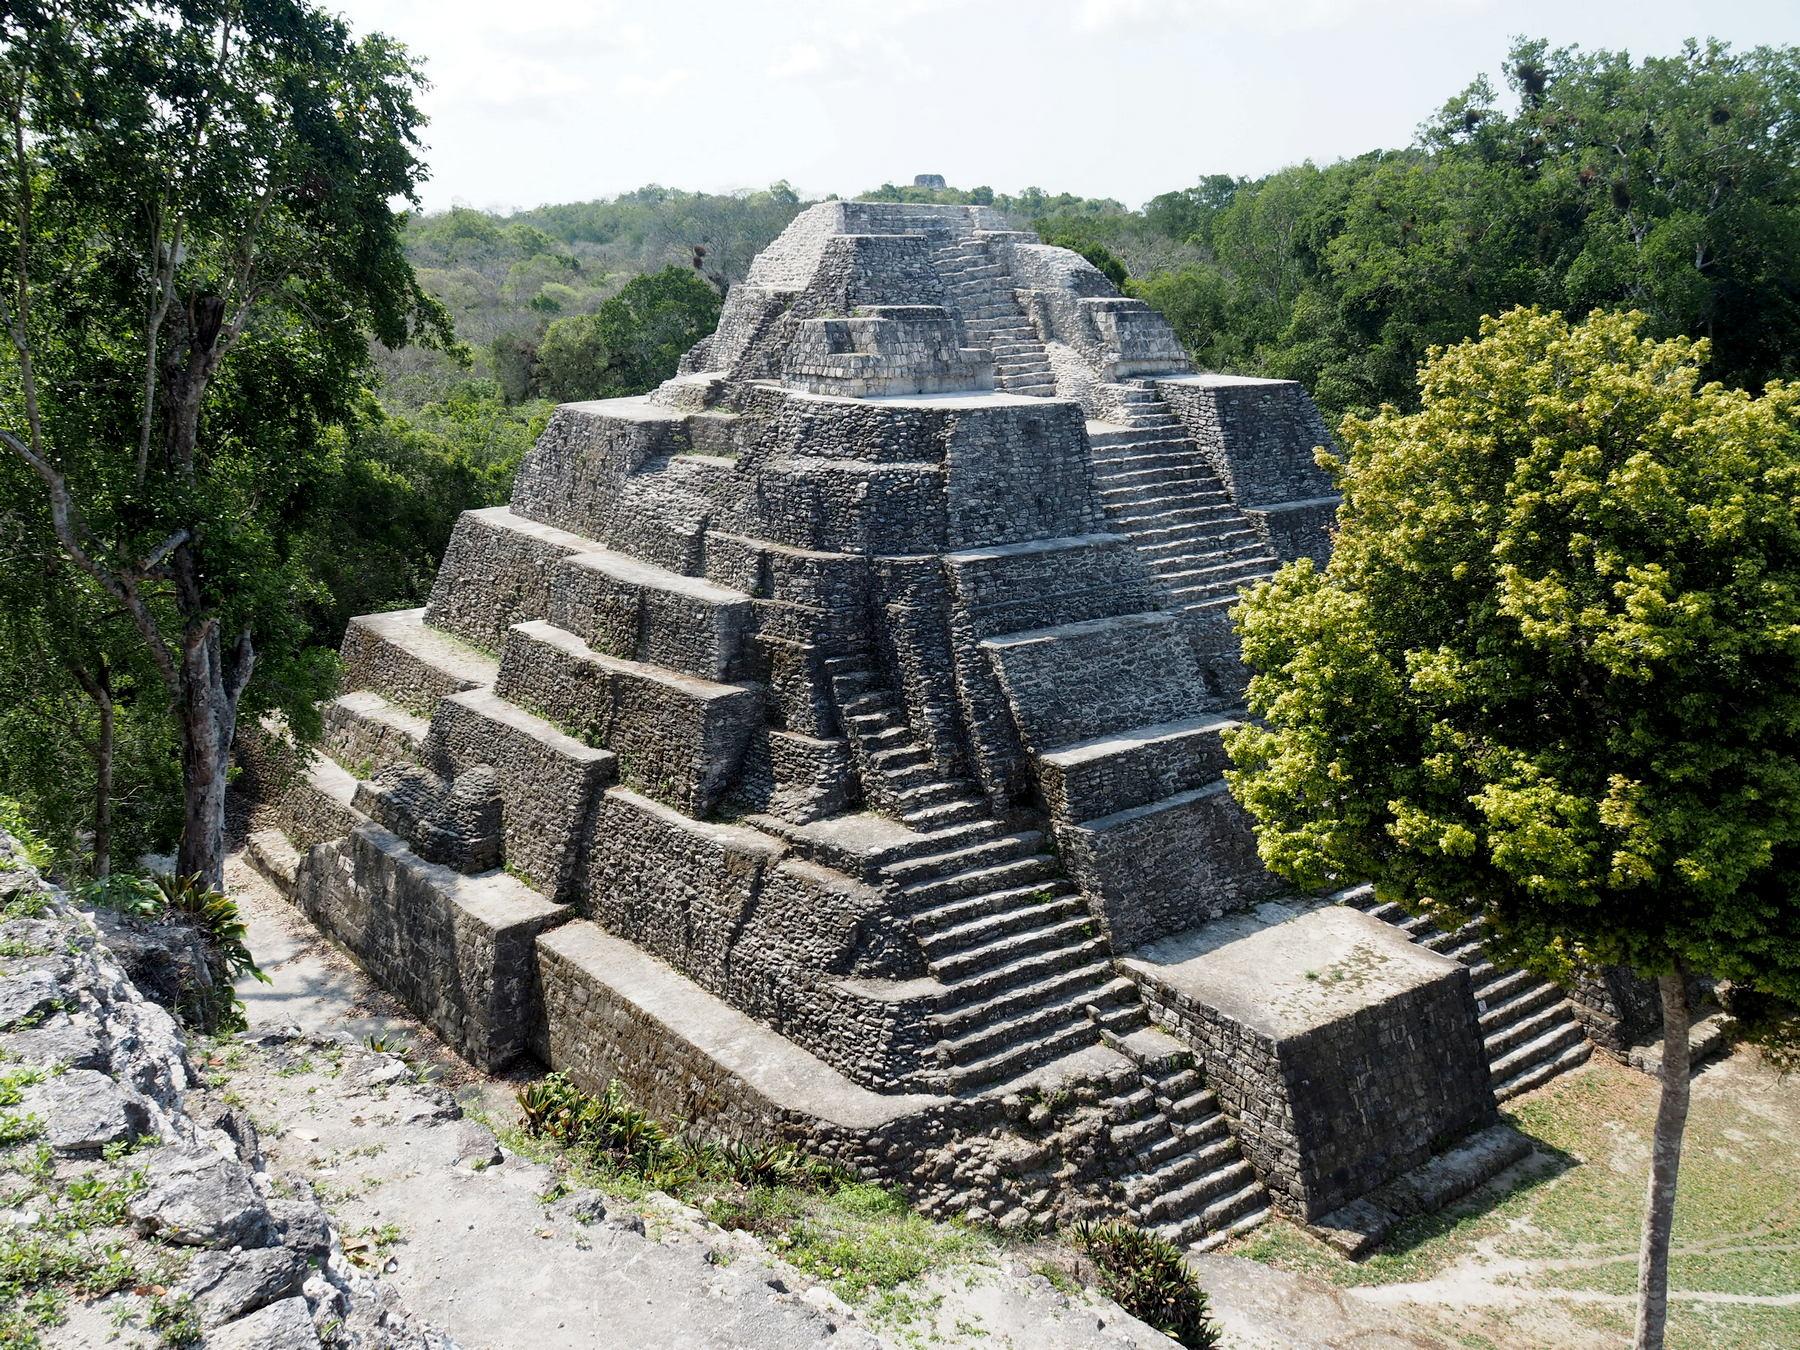 Schön restaurierter Tempel in Yaxha